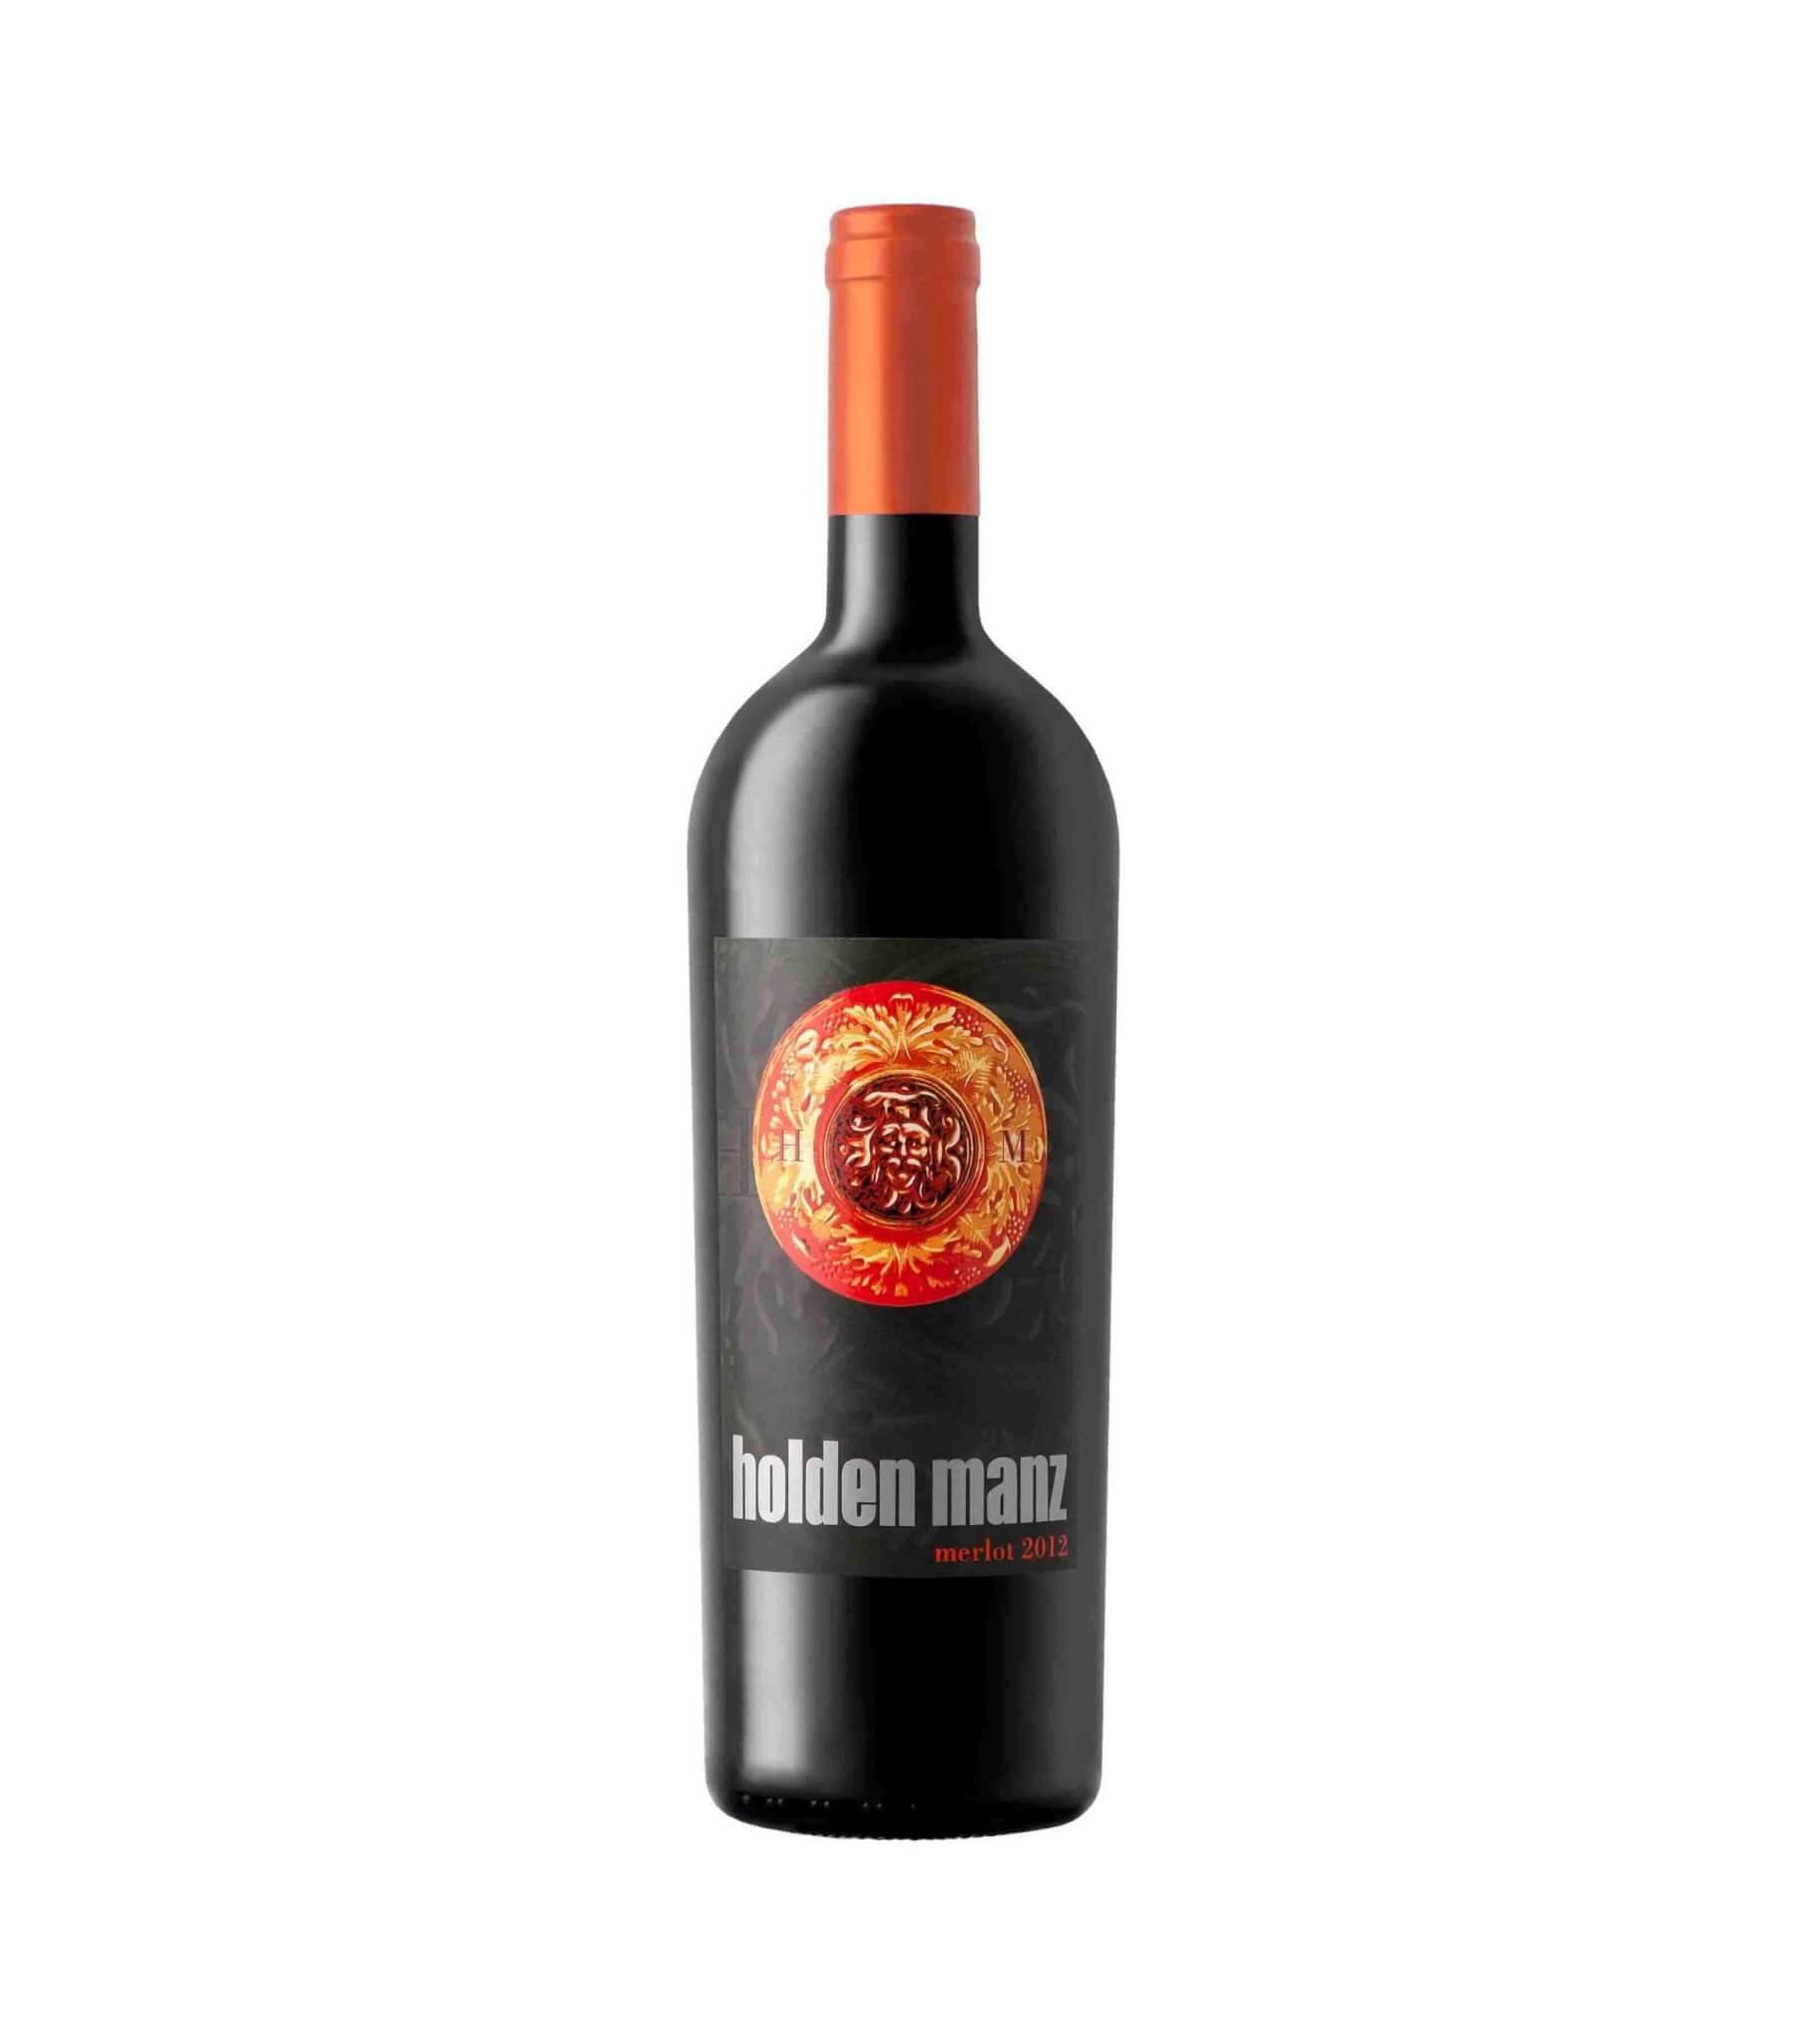 HOLDEN MANZ MERLOT red vegan wine